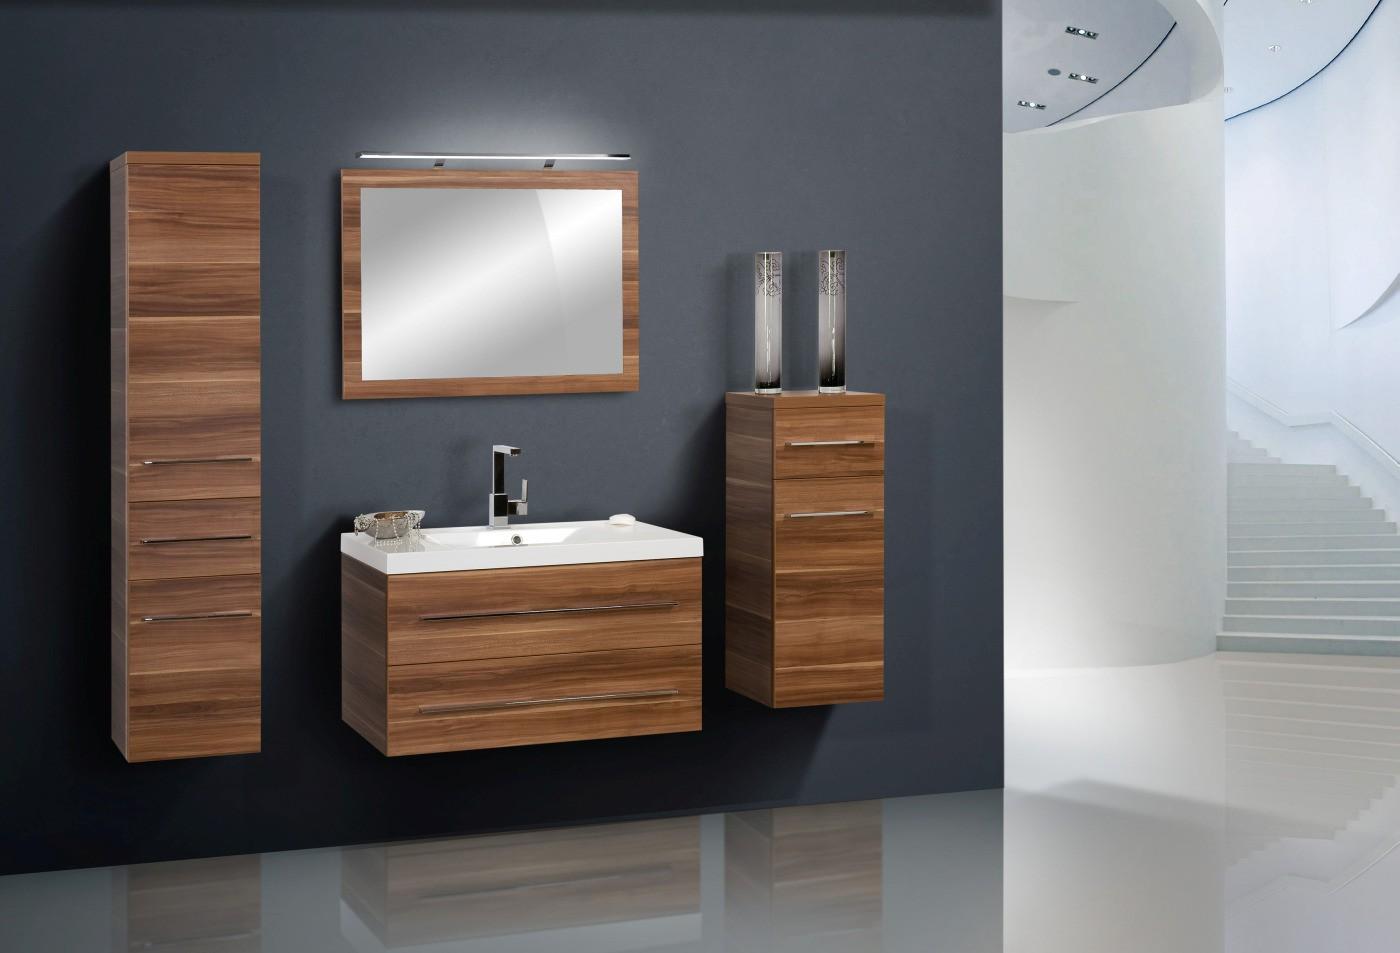 Badmobel 90 Cm ~ Design badmöbel set lichtspiegel 90cm waschbecken designbaeder.com